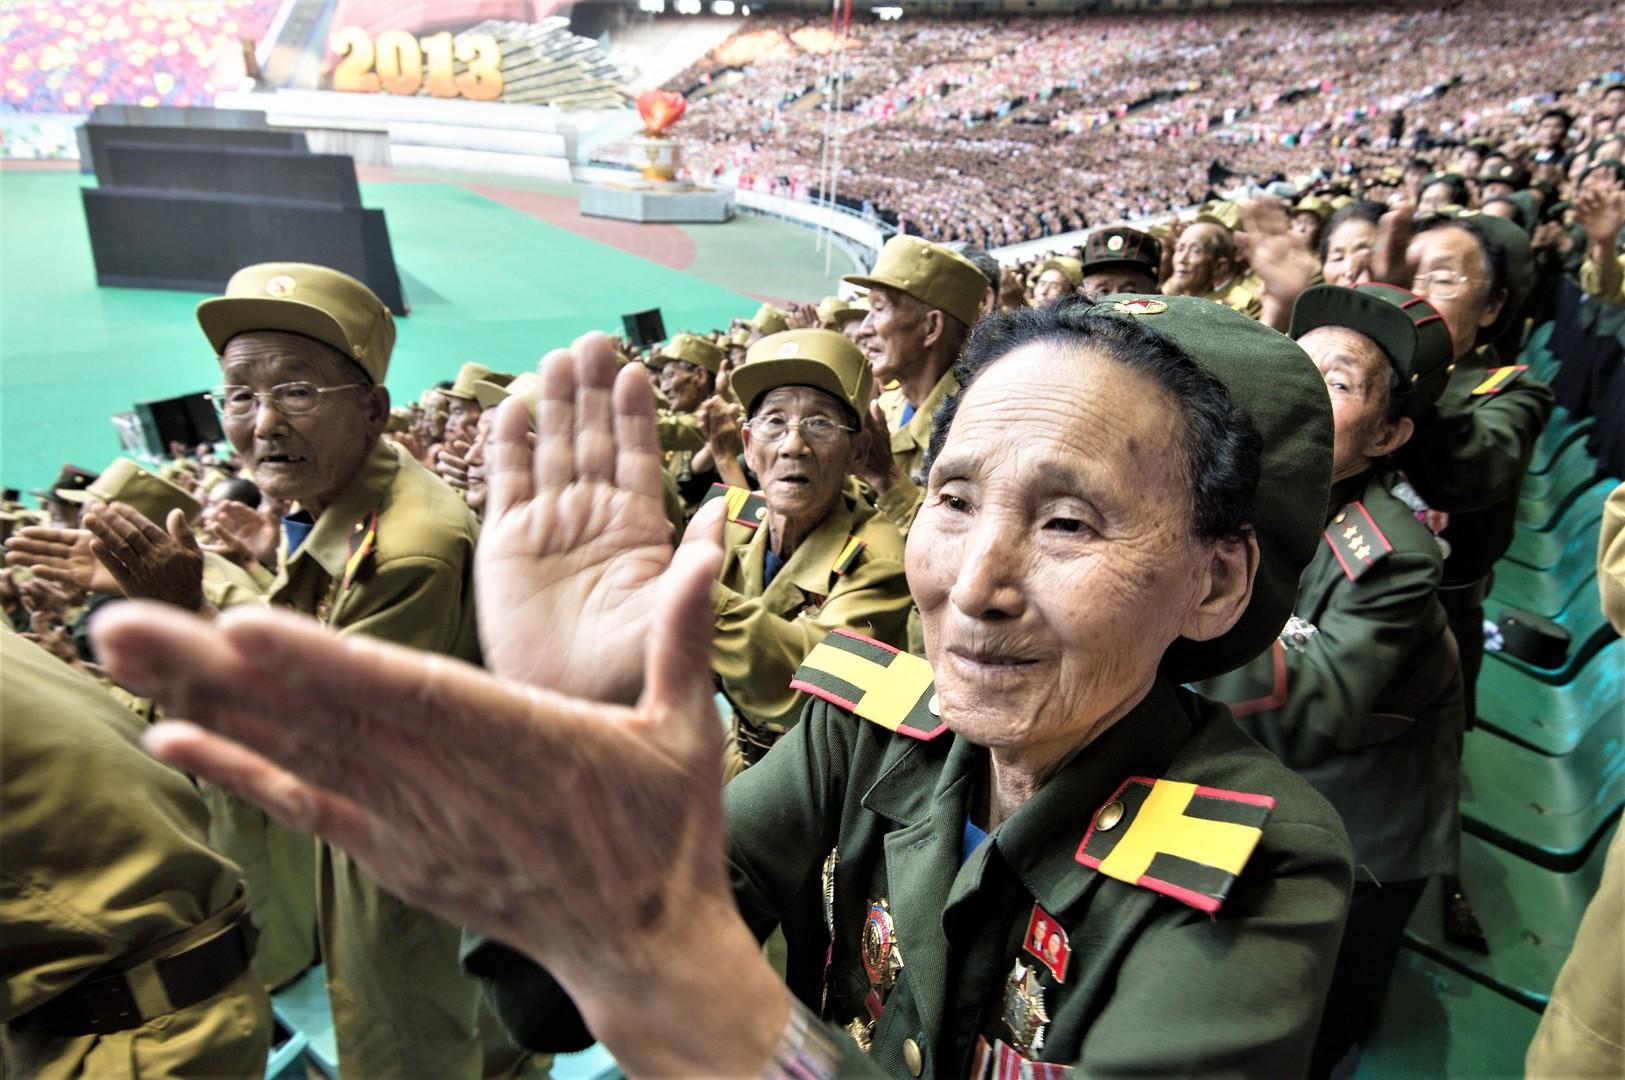 Veteranen applaudieren einer Theater-Inszenierung, die dem 60. Jahrestag der Beendigung des Koreakrieges gewidmet ist, 26. Juli 2013.